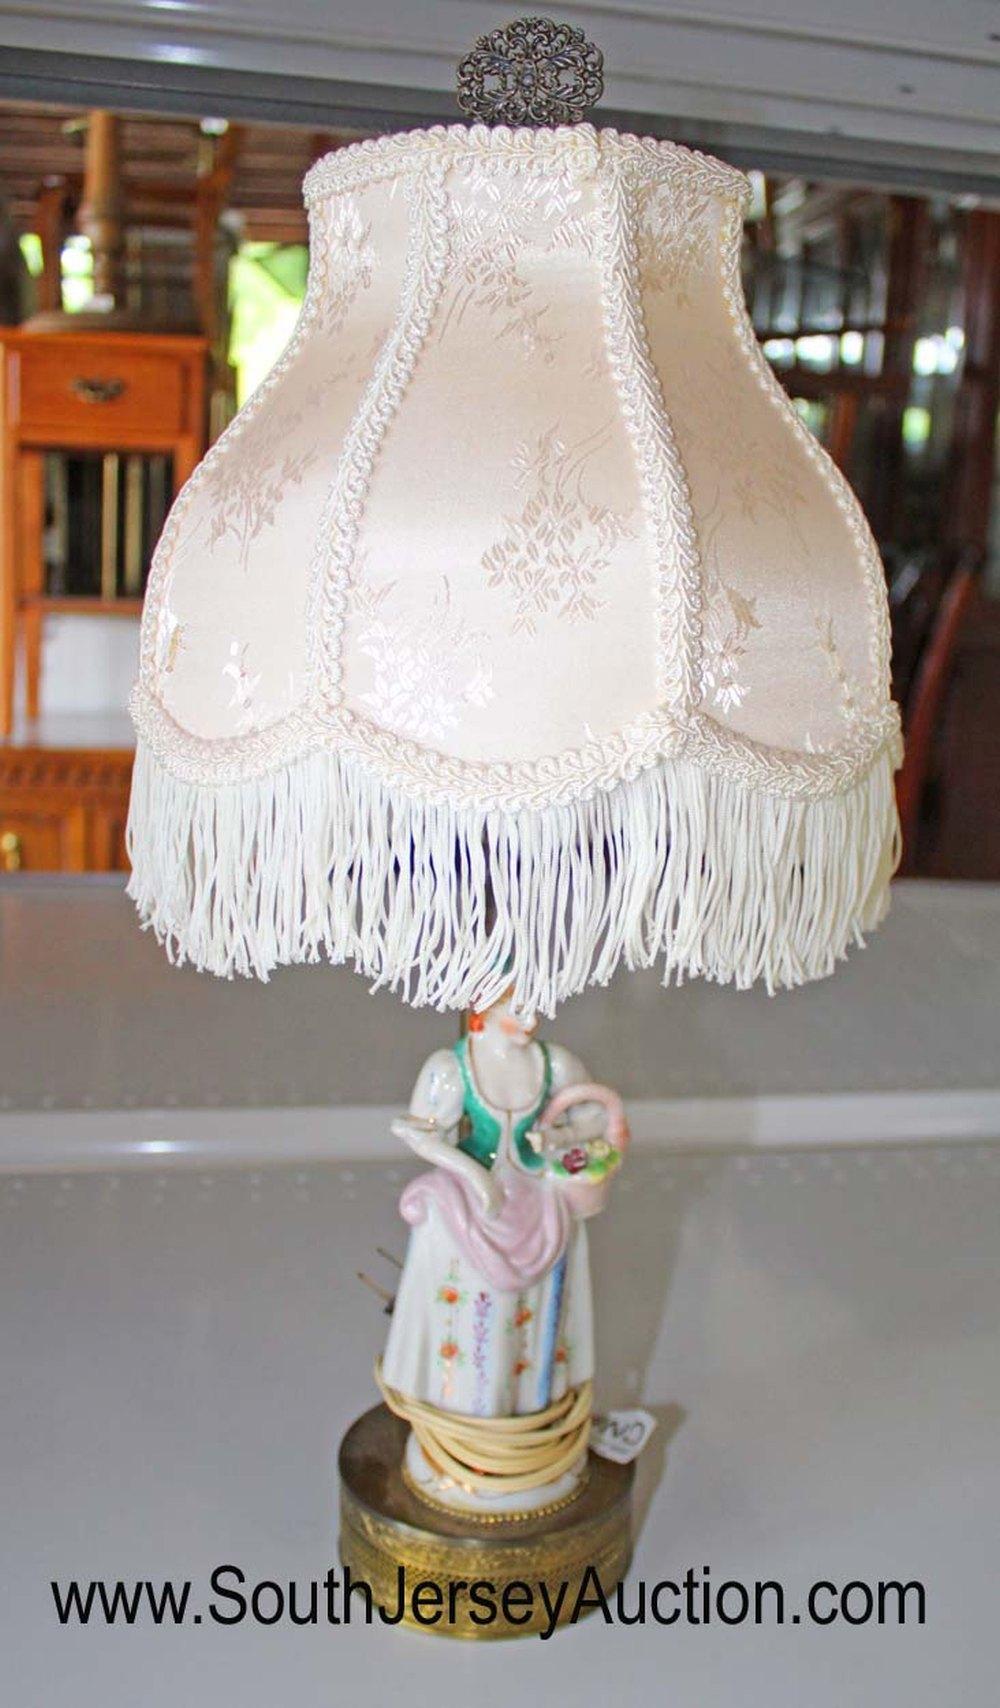 Vintage porcelain figural lamp with fringe shade